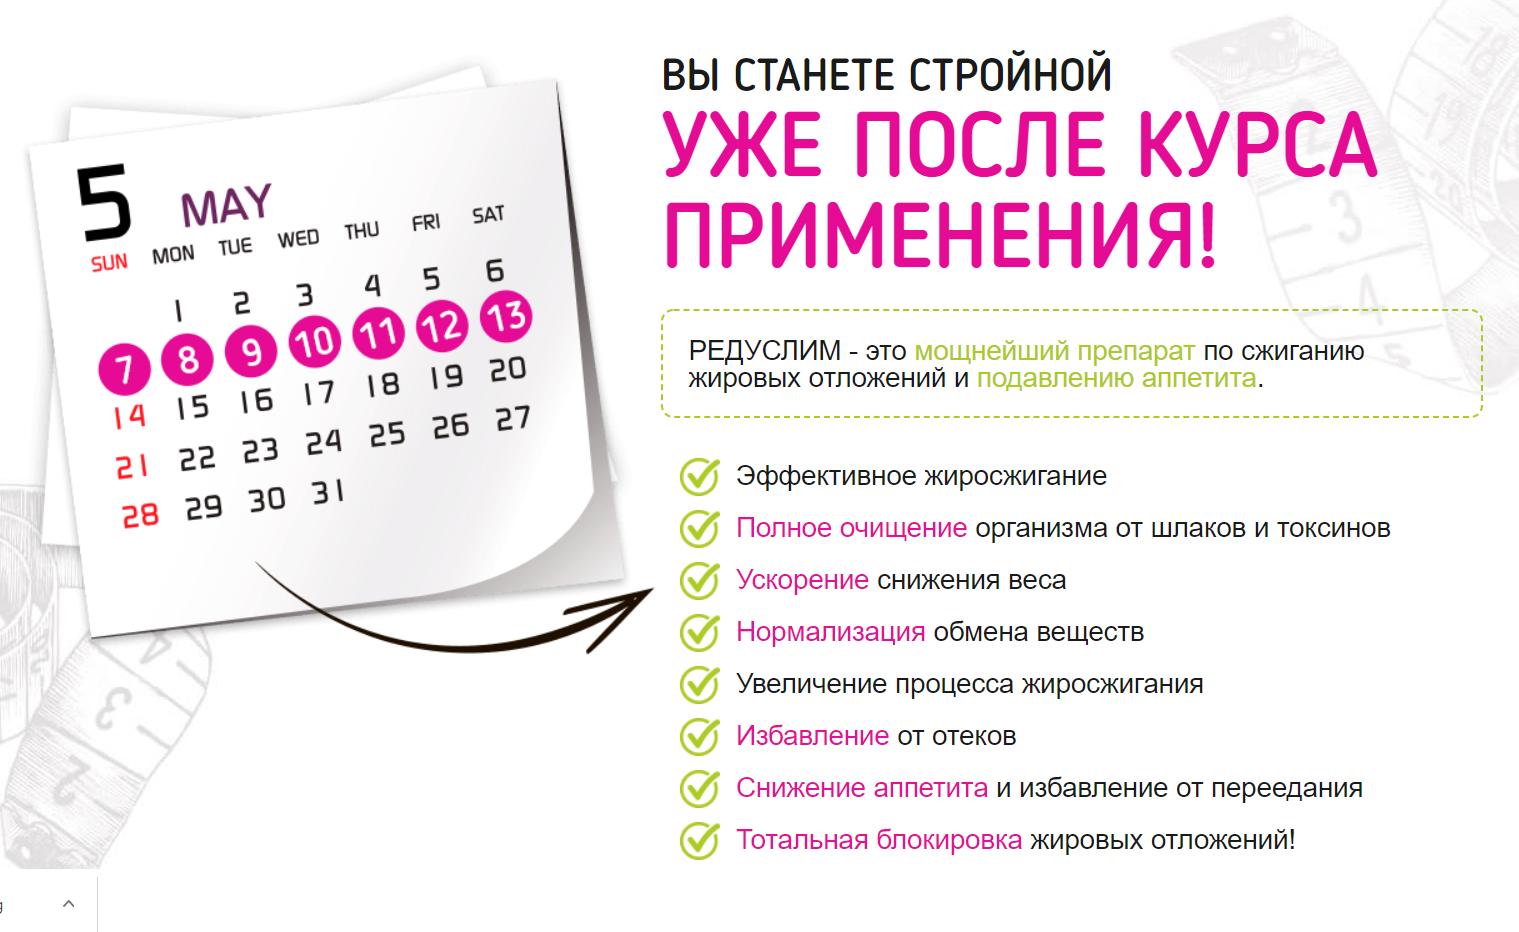 редуслим официальный сайт производителя